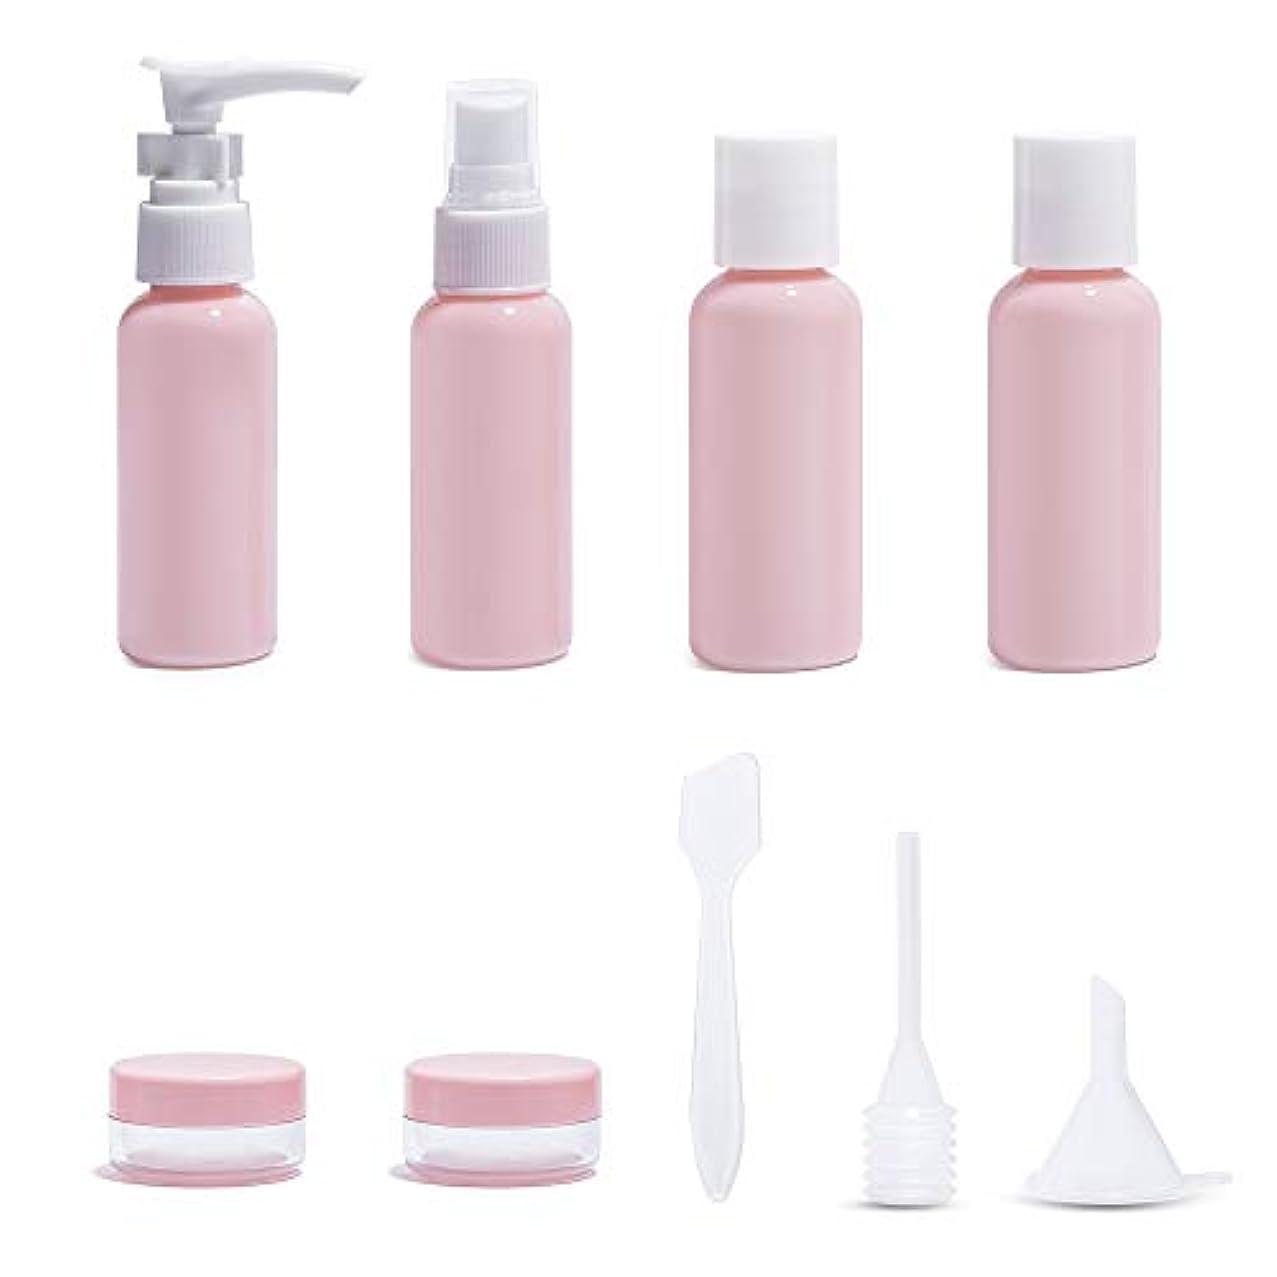 家具おしゃれな報復するDiolan トラベルボトル 小分けボトル コスメ用詰替え容器 6本セット ピンク 旅行 出張